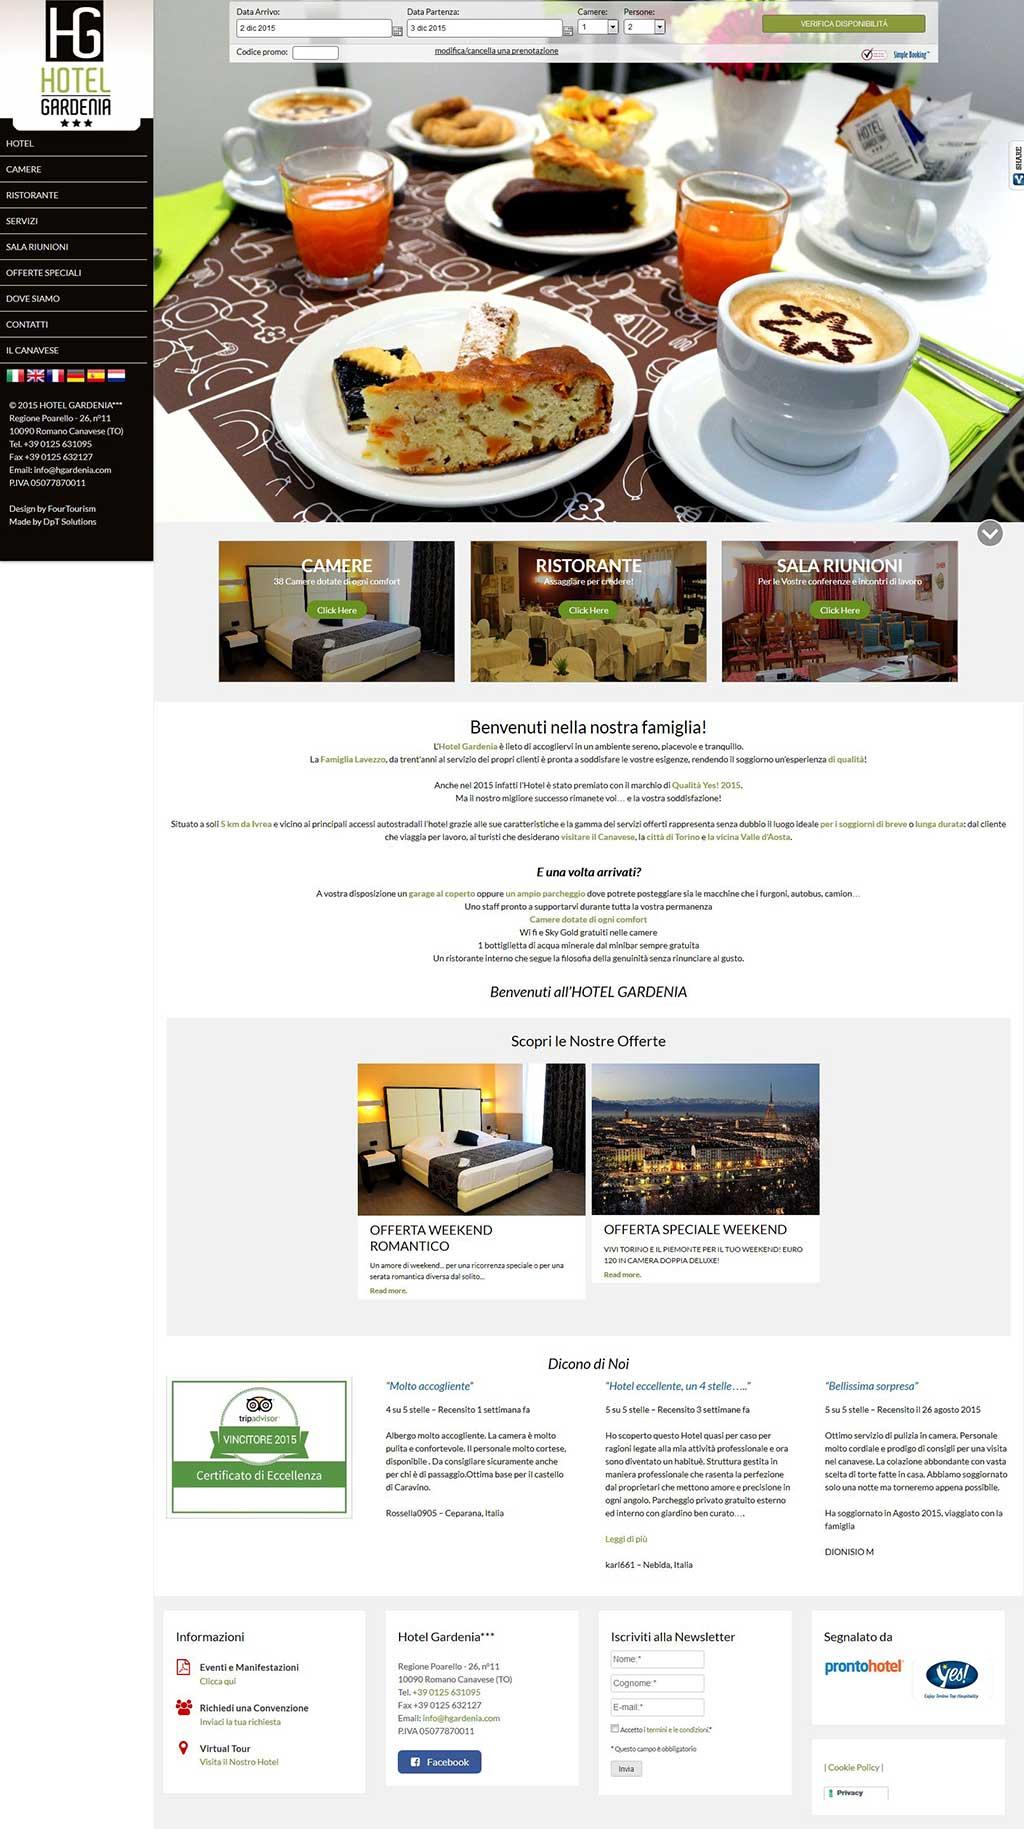 Hotel Gardenia Sito Web Multilingua